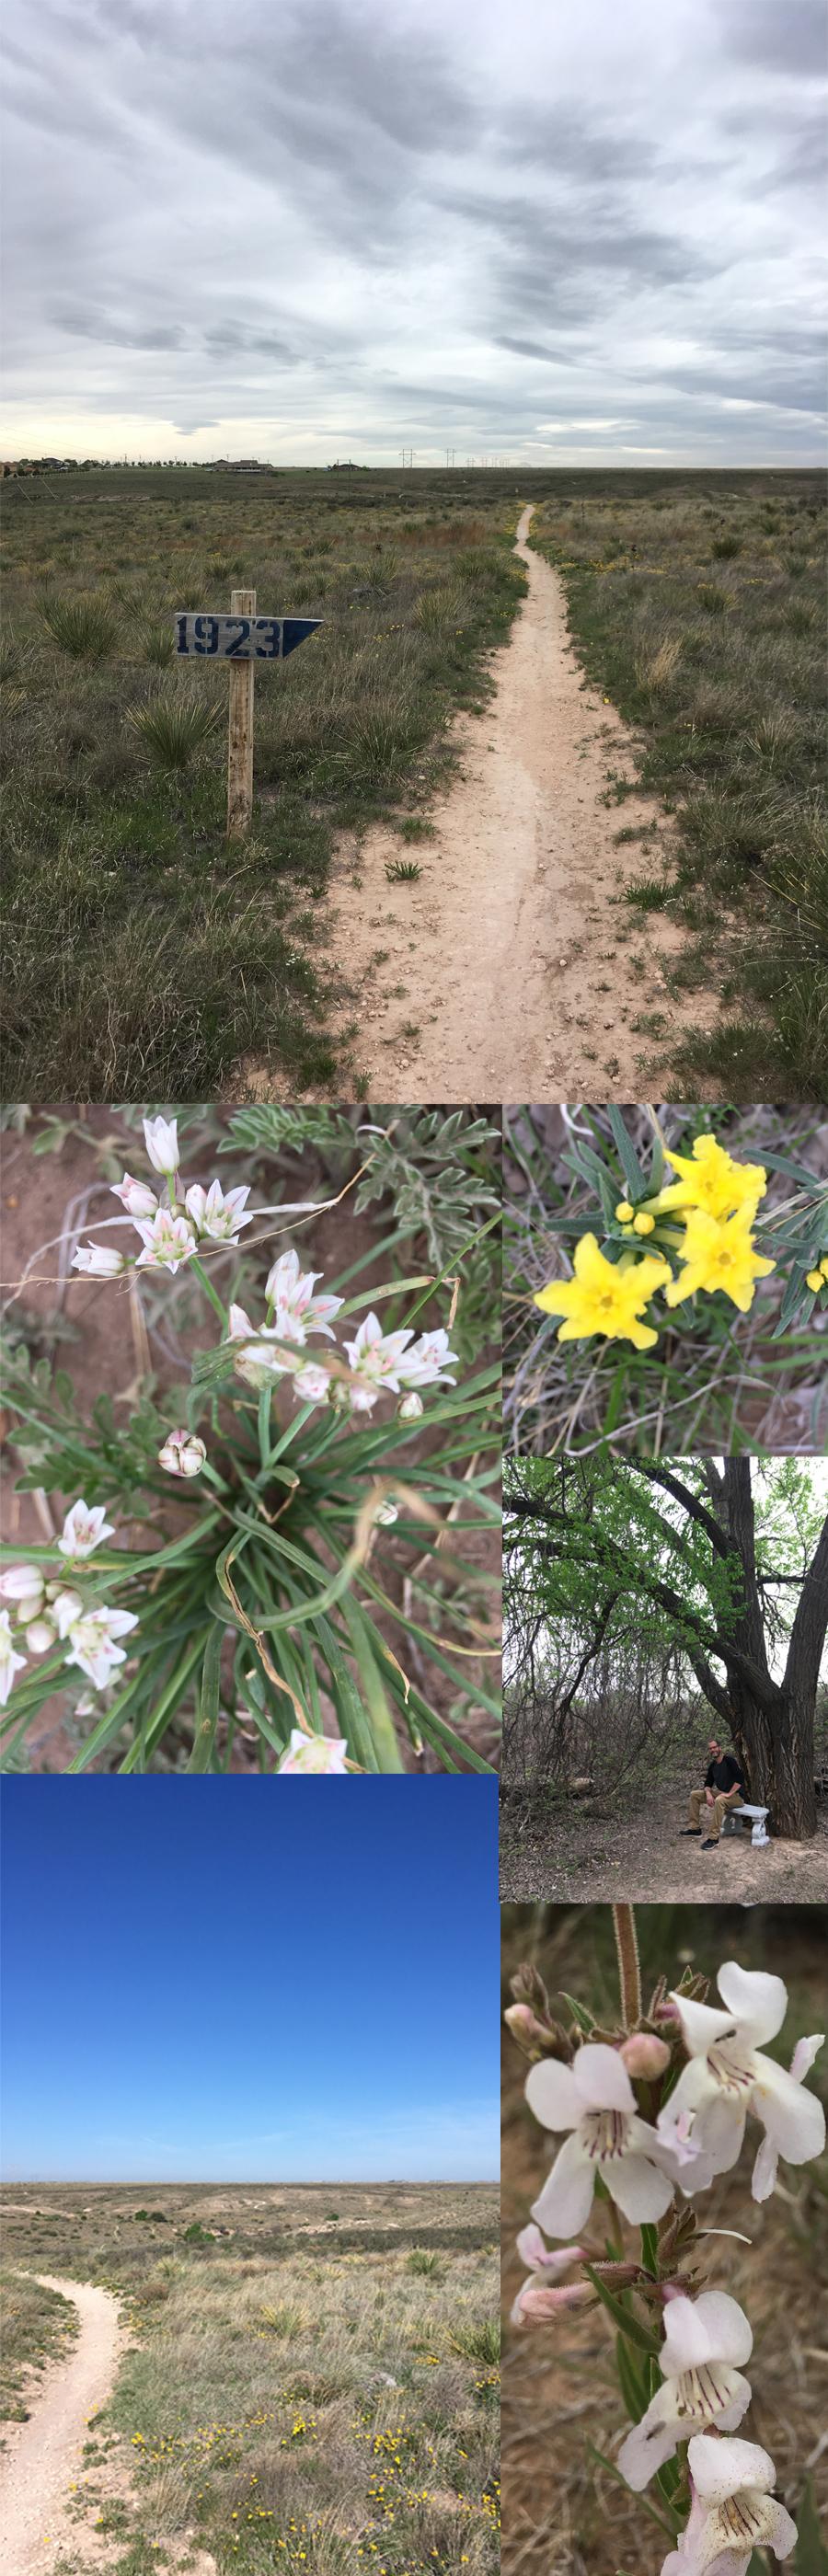 Amarillo Childrens Home trails scenery 2